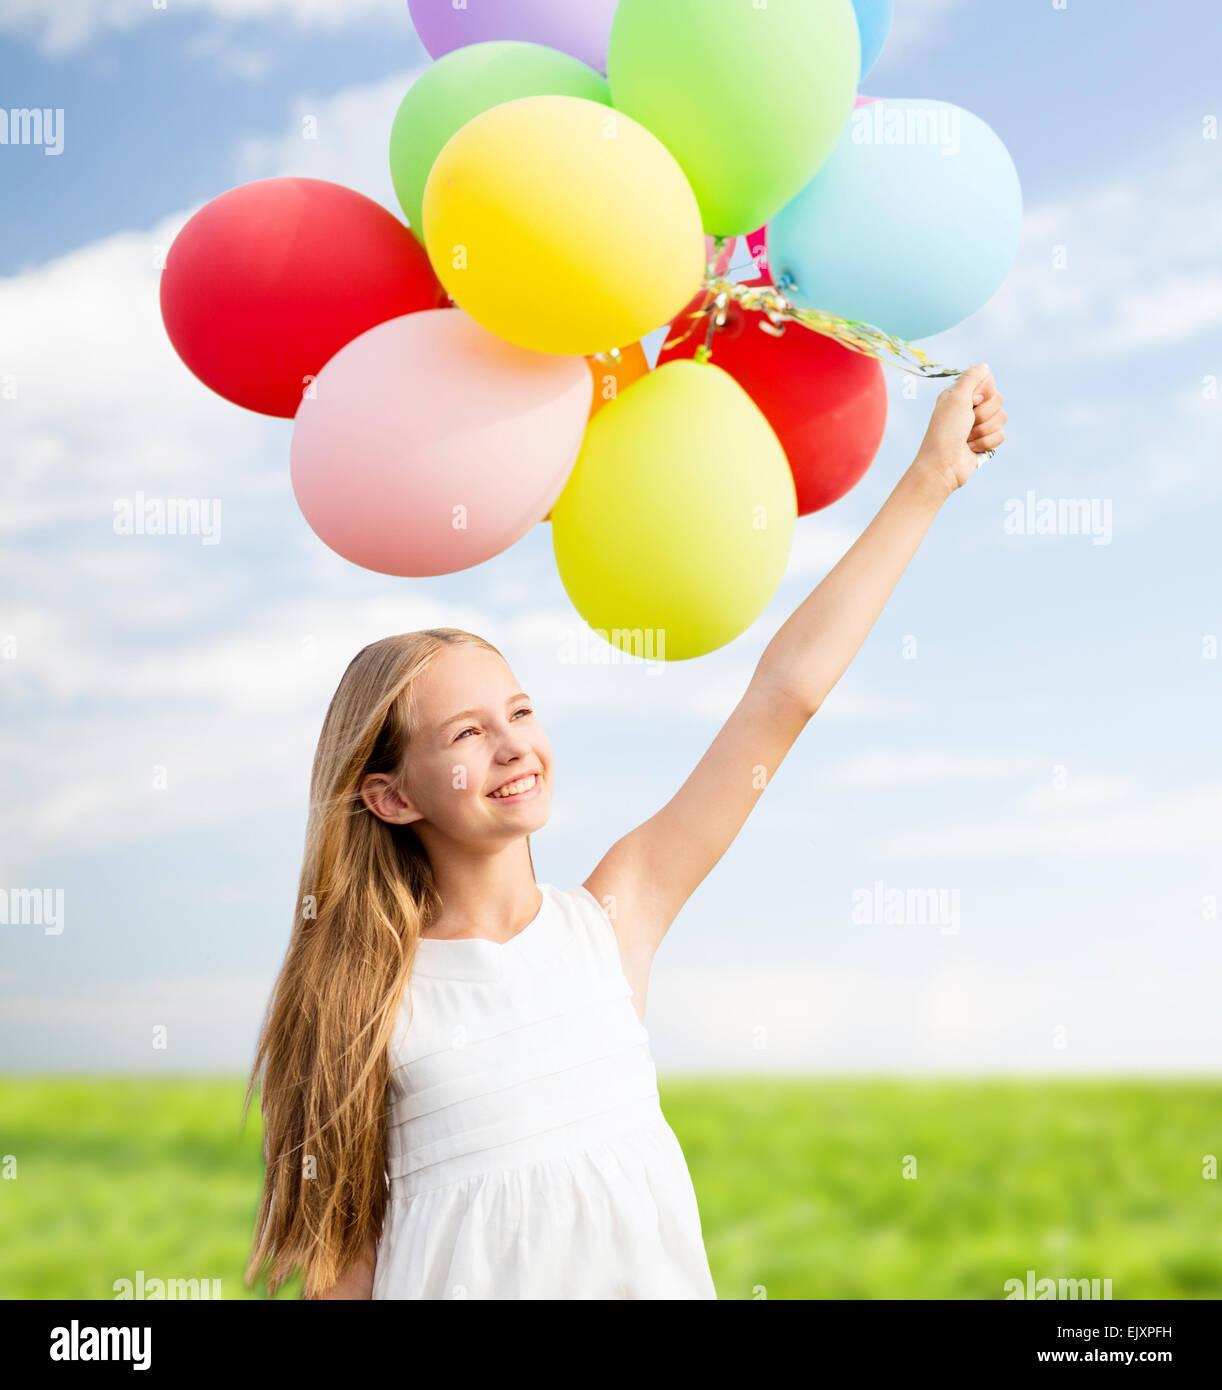 gl ckliches m dchen mit bunten luftballons stockfoto bild 80493717 alamy. Black Bedroom Furniture Sets. Home Design Ideas